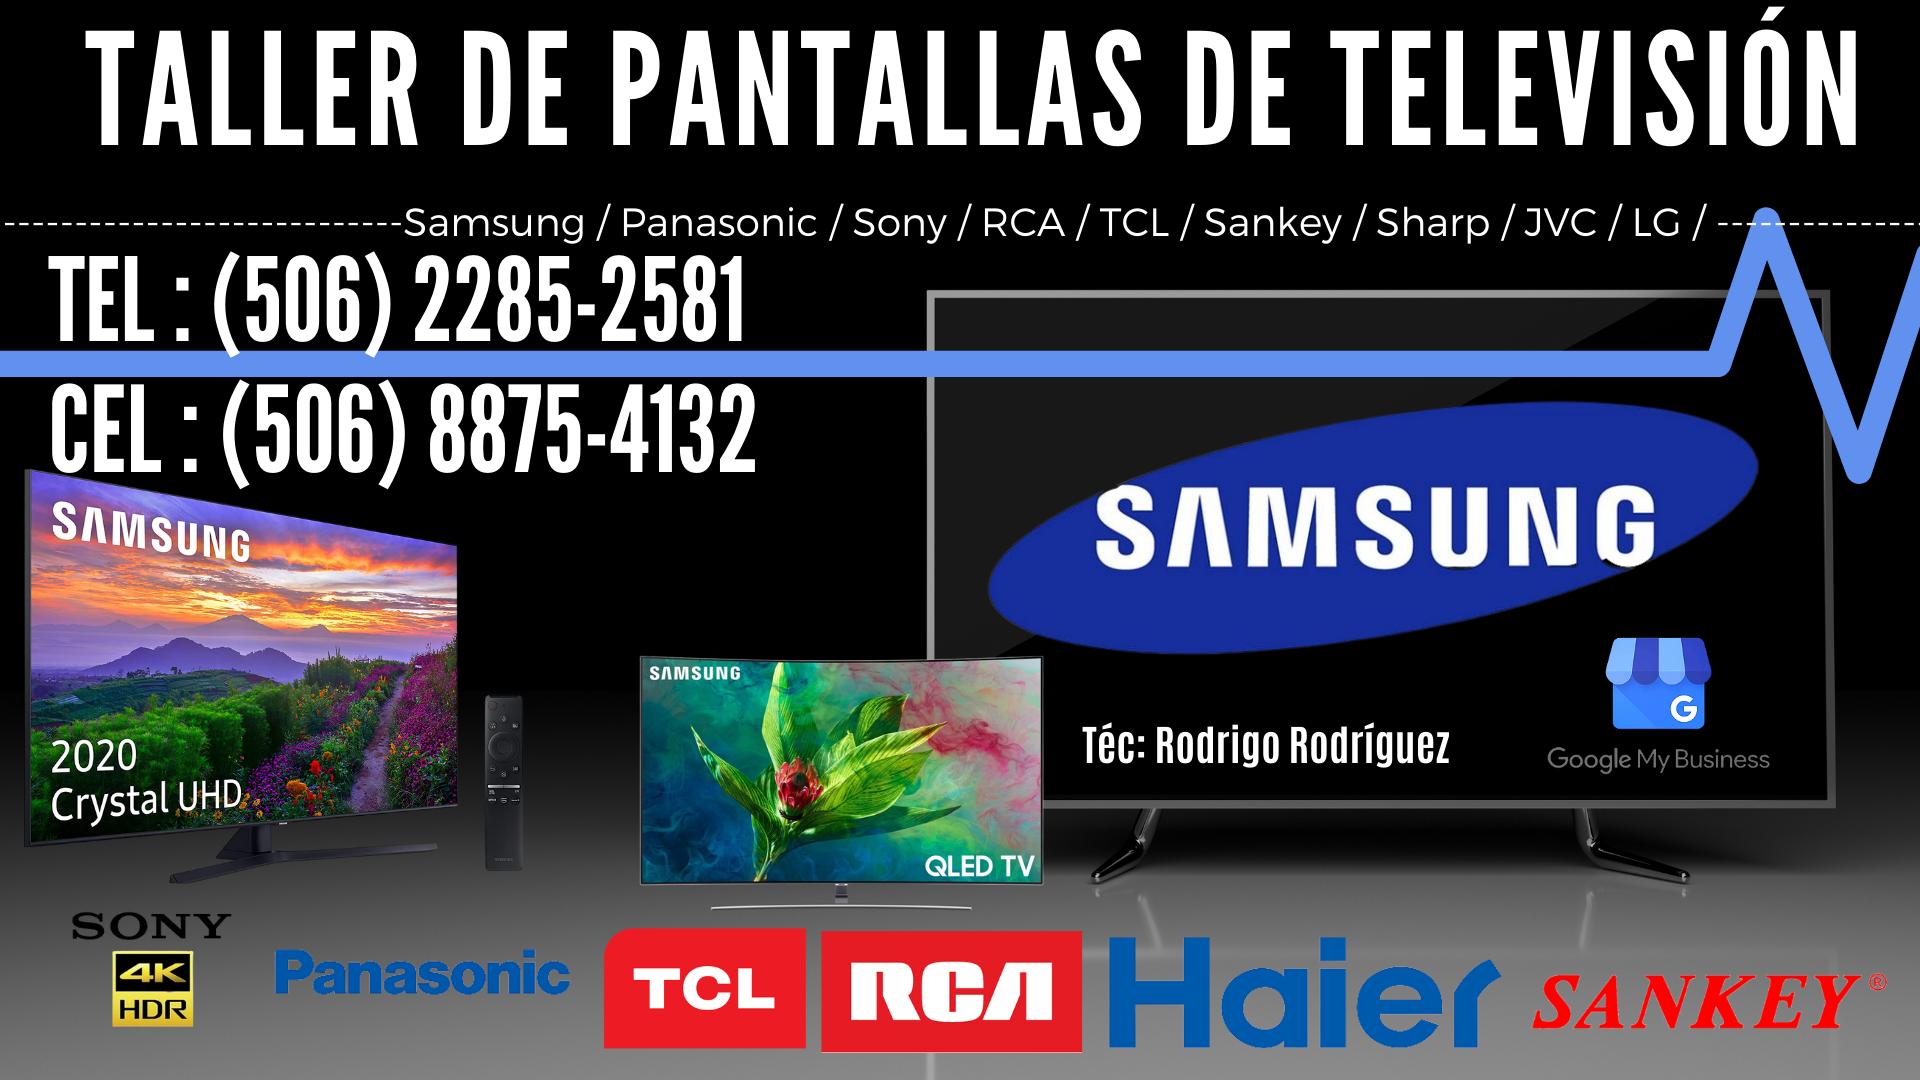 Taller de pantallas de televisión en Costa Rica